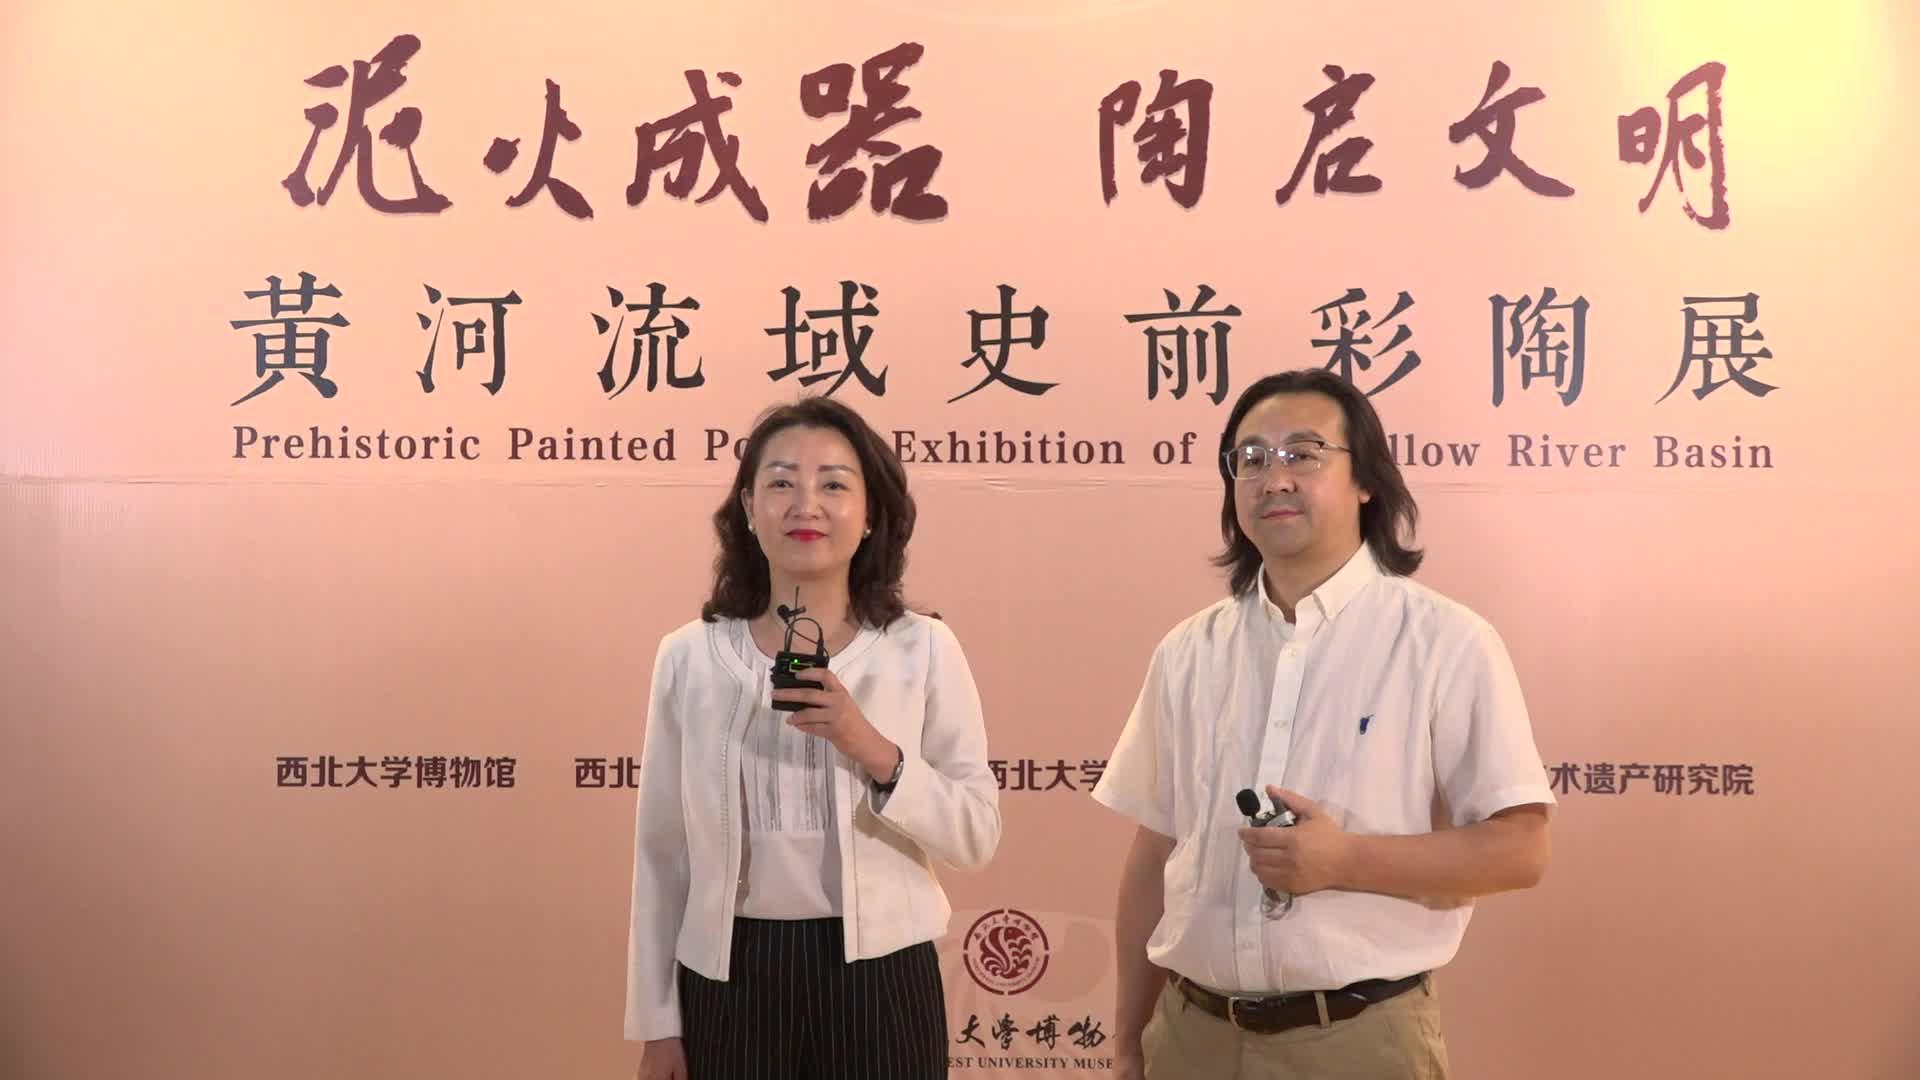 文化陕西大讲堂第一期